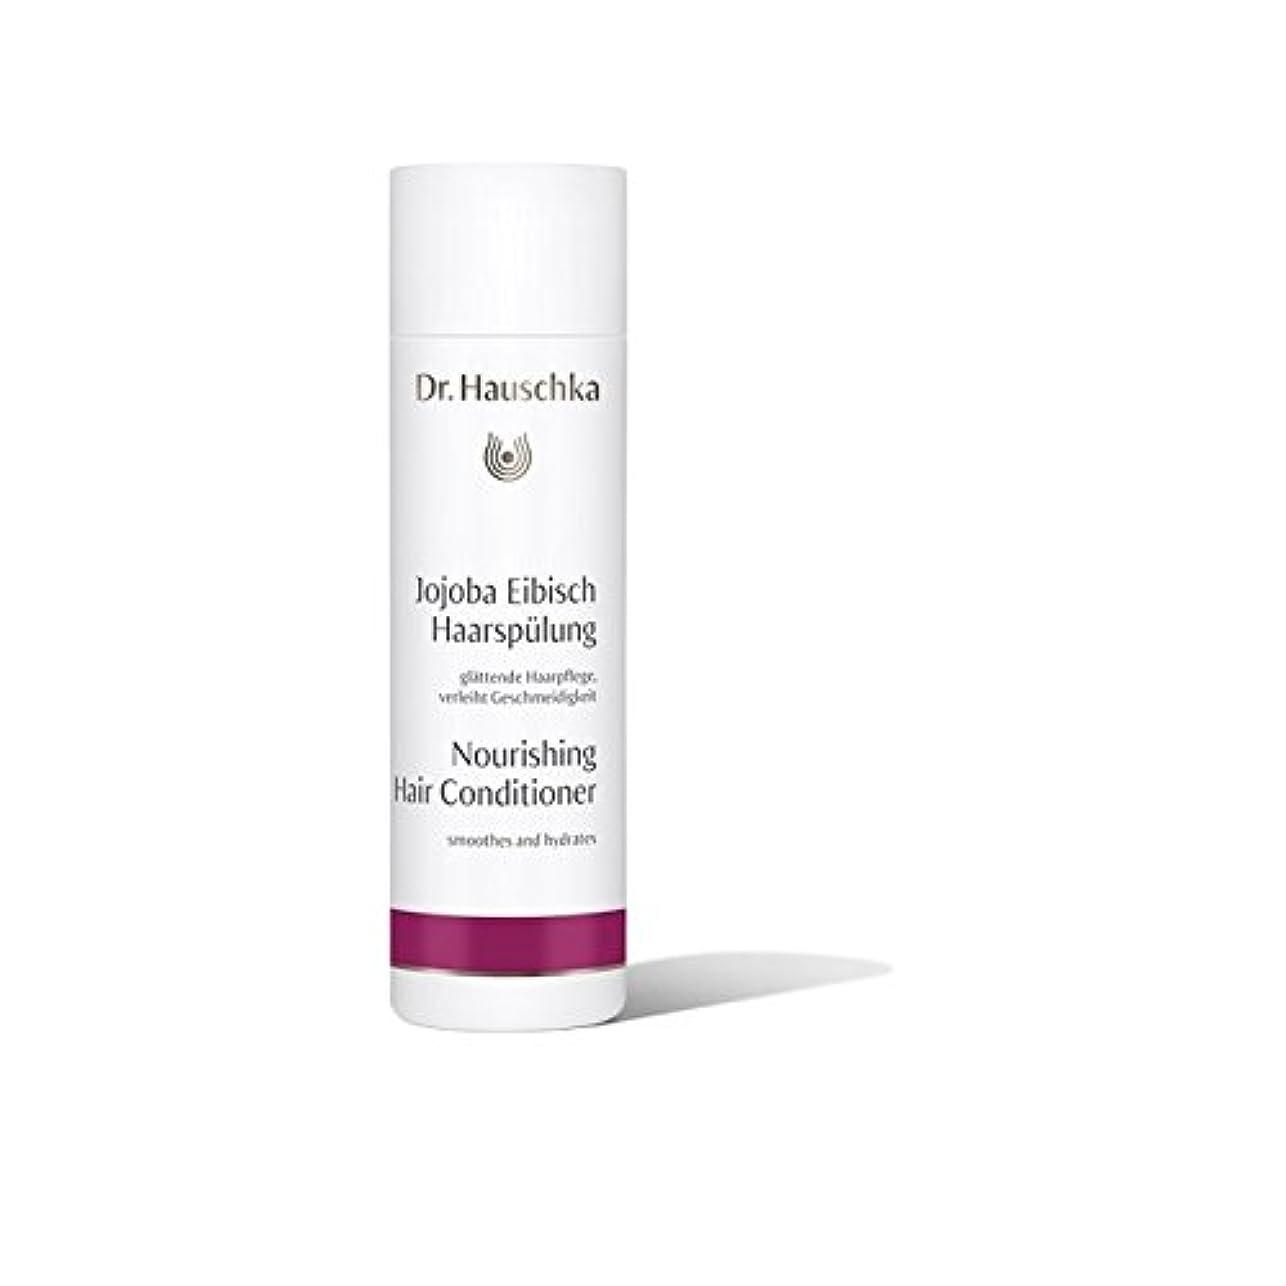 ミントアラビア語ガイドラインハウシュカ栄養ヘアコンディショナー(200ミリリットル) x4 - Dr. Hauschka Nourishing Hair Conditioner (200ml) (Pack of 4) [並行輸入品]